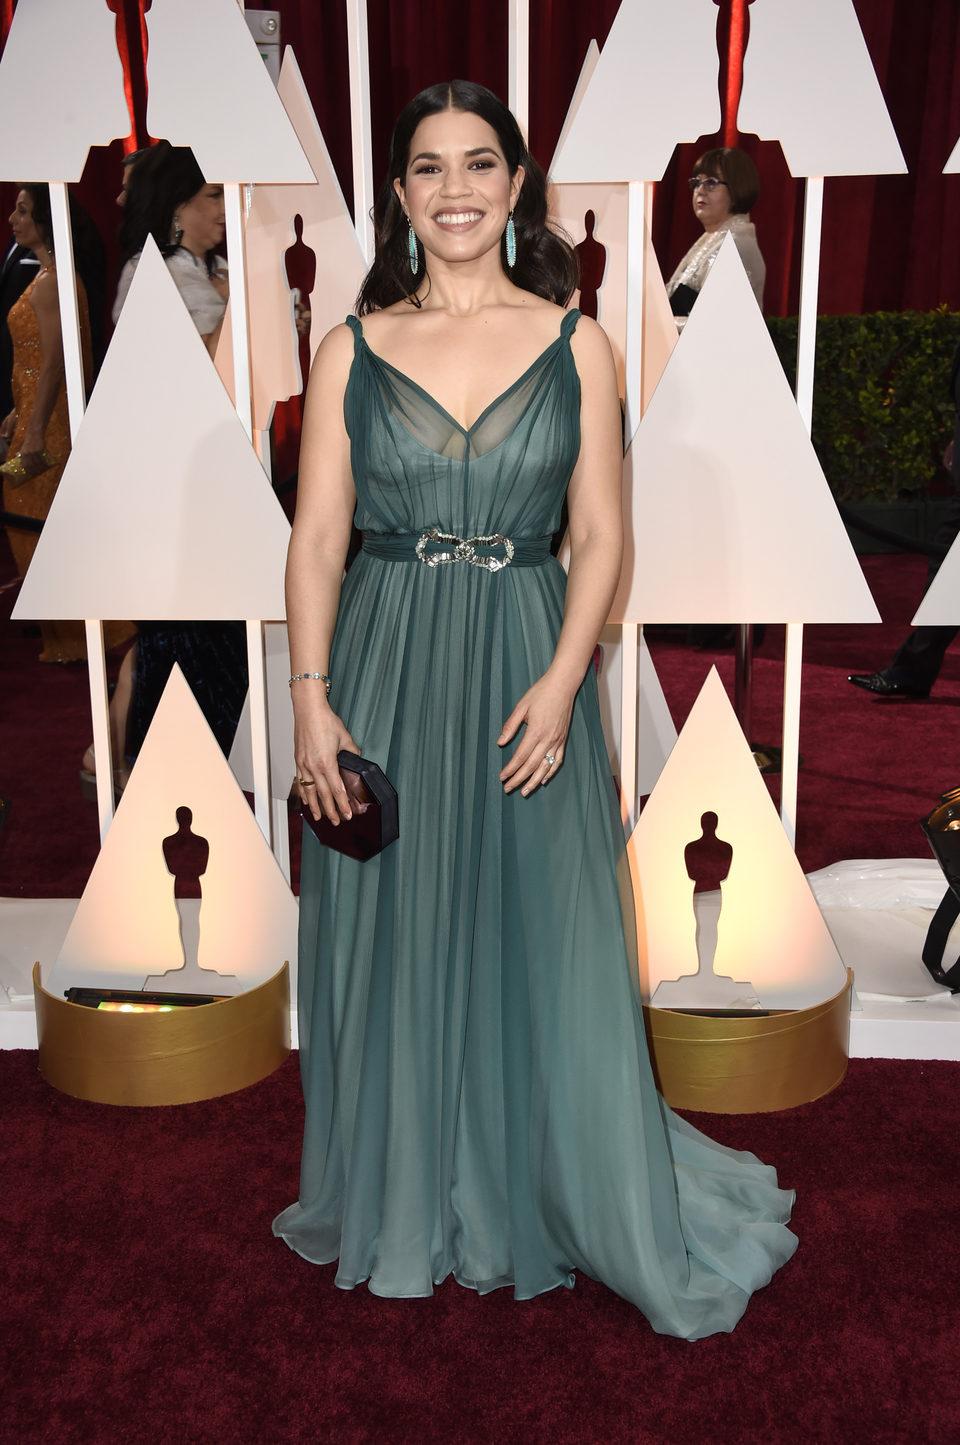 America Ferrera en la alfombra roja de los premios Oscar 2015